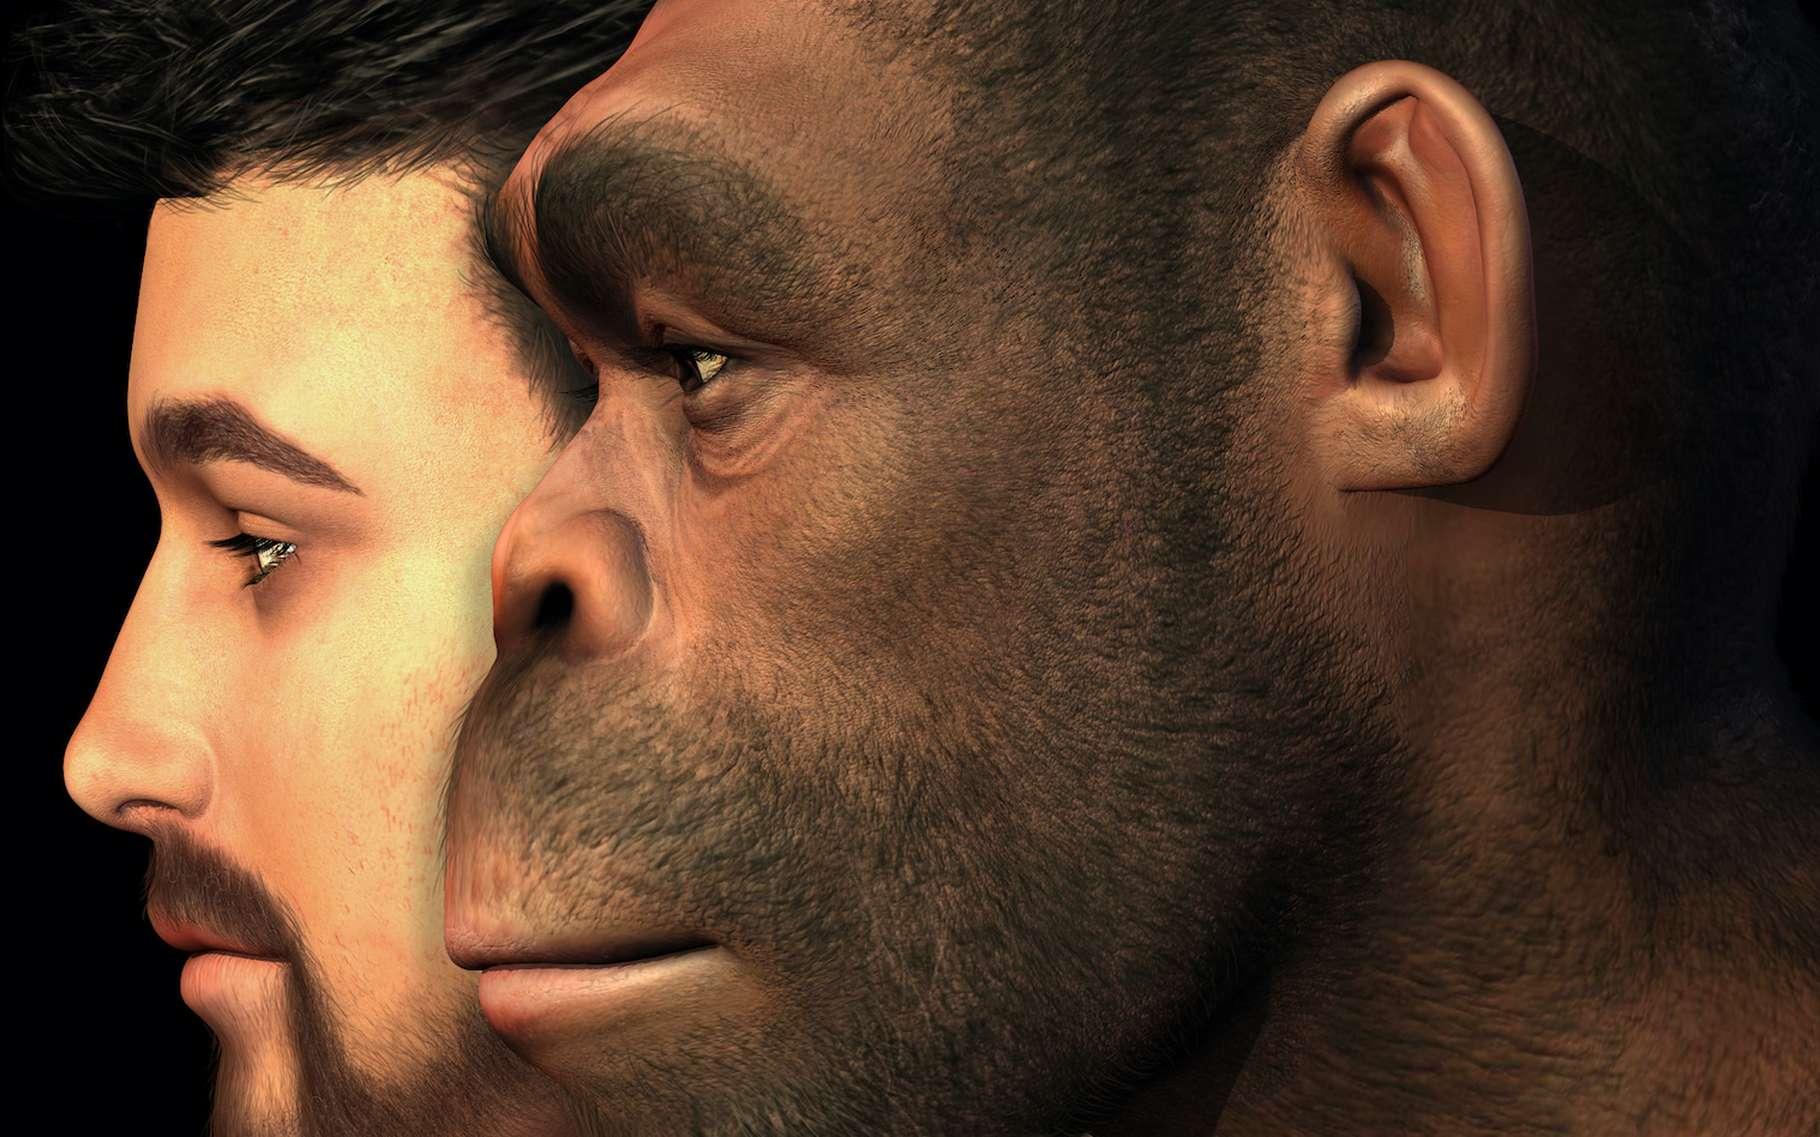 Des chercheurs ont découvert, dans l'ADN de l'Homme moderne, des traces d'un métissage passé avec un mystérieux ancêtre. Peut-être un Homo erectus ? © AlienCat, Adobe Stock